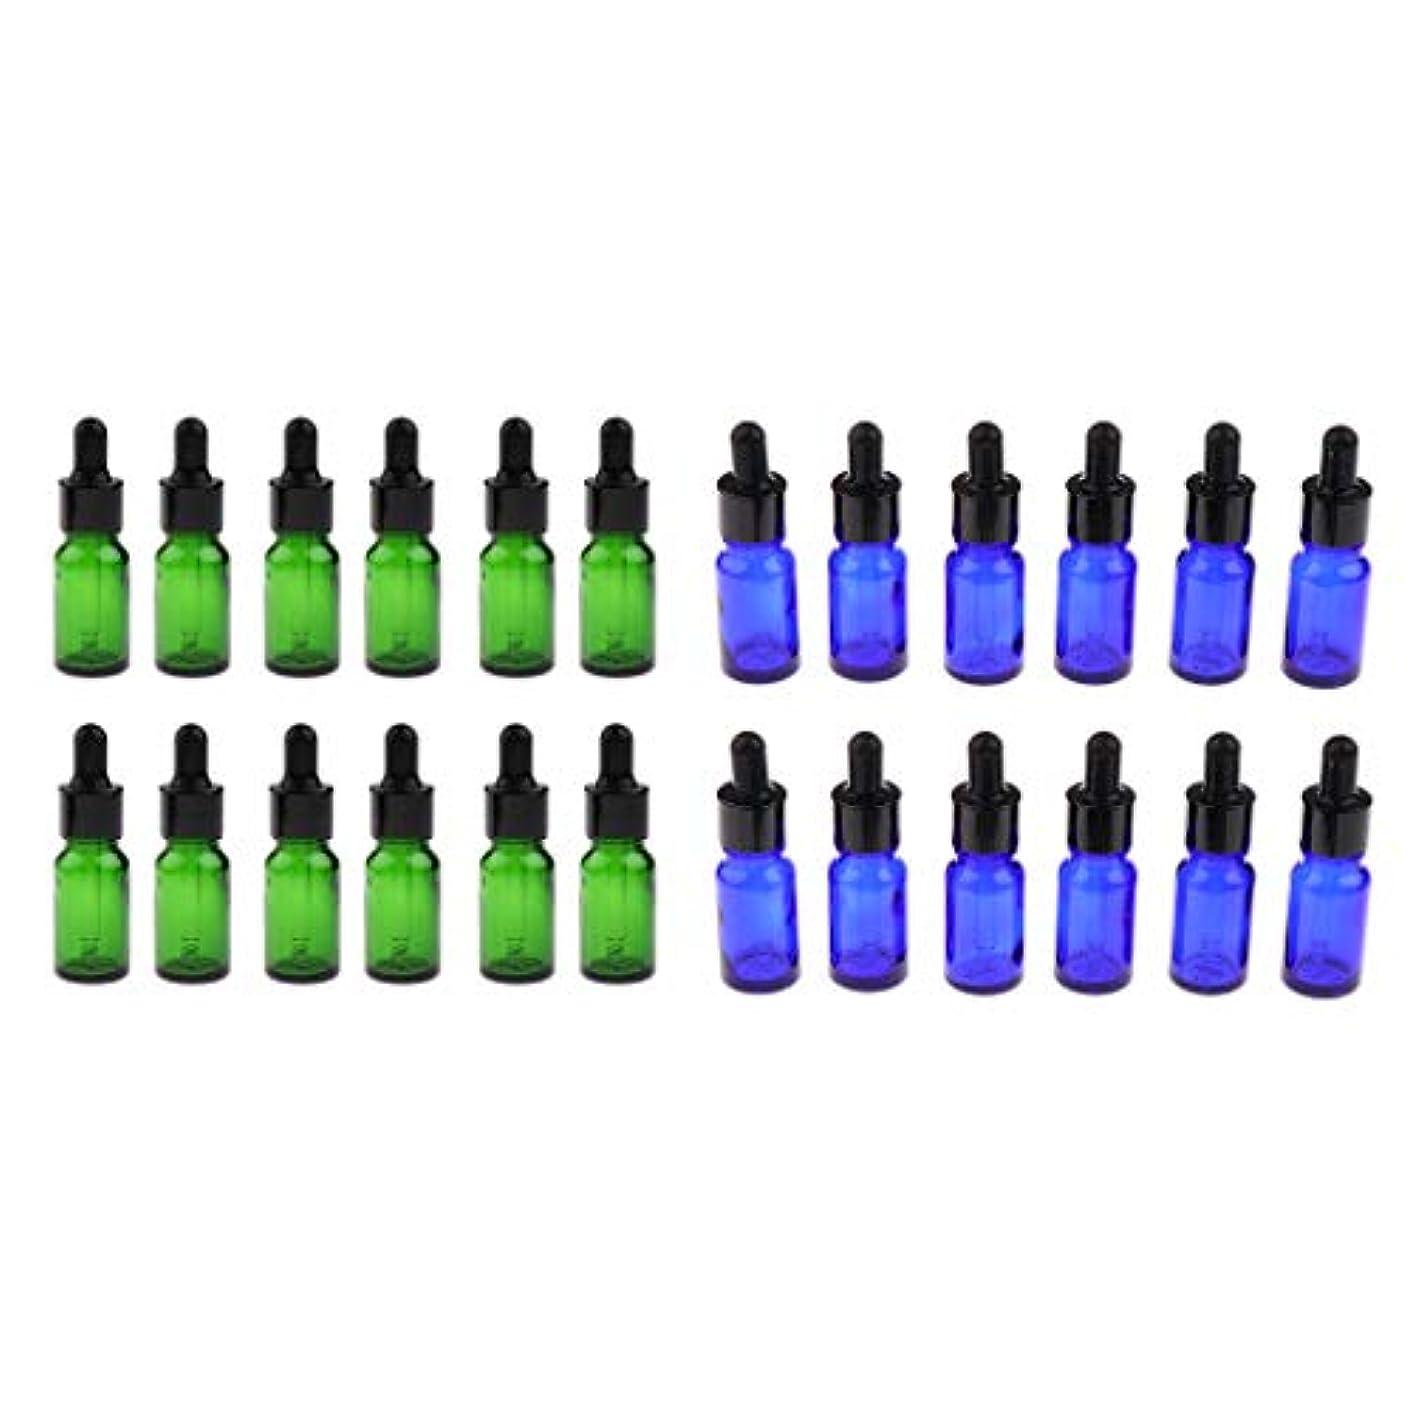 ジェットローラーナイトスポット5ml 10ml ガラスボトル 遮光ビン 精油瓶 アロマボトル 詰替え容器 化粧ボトル 約24個